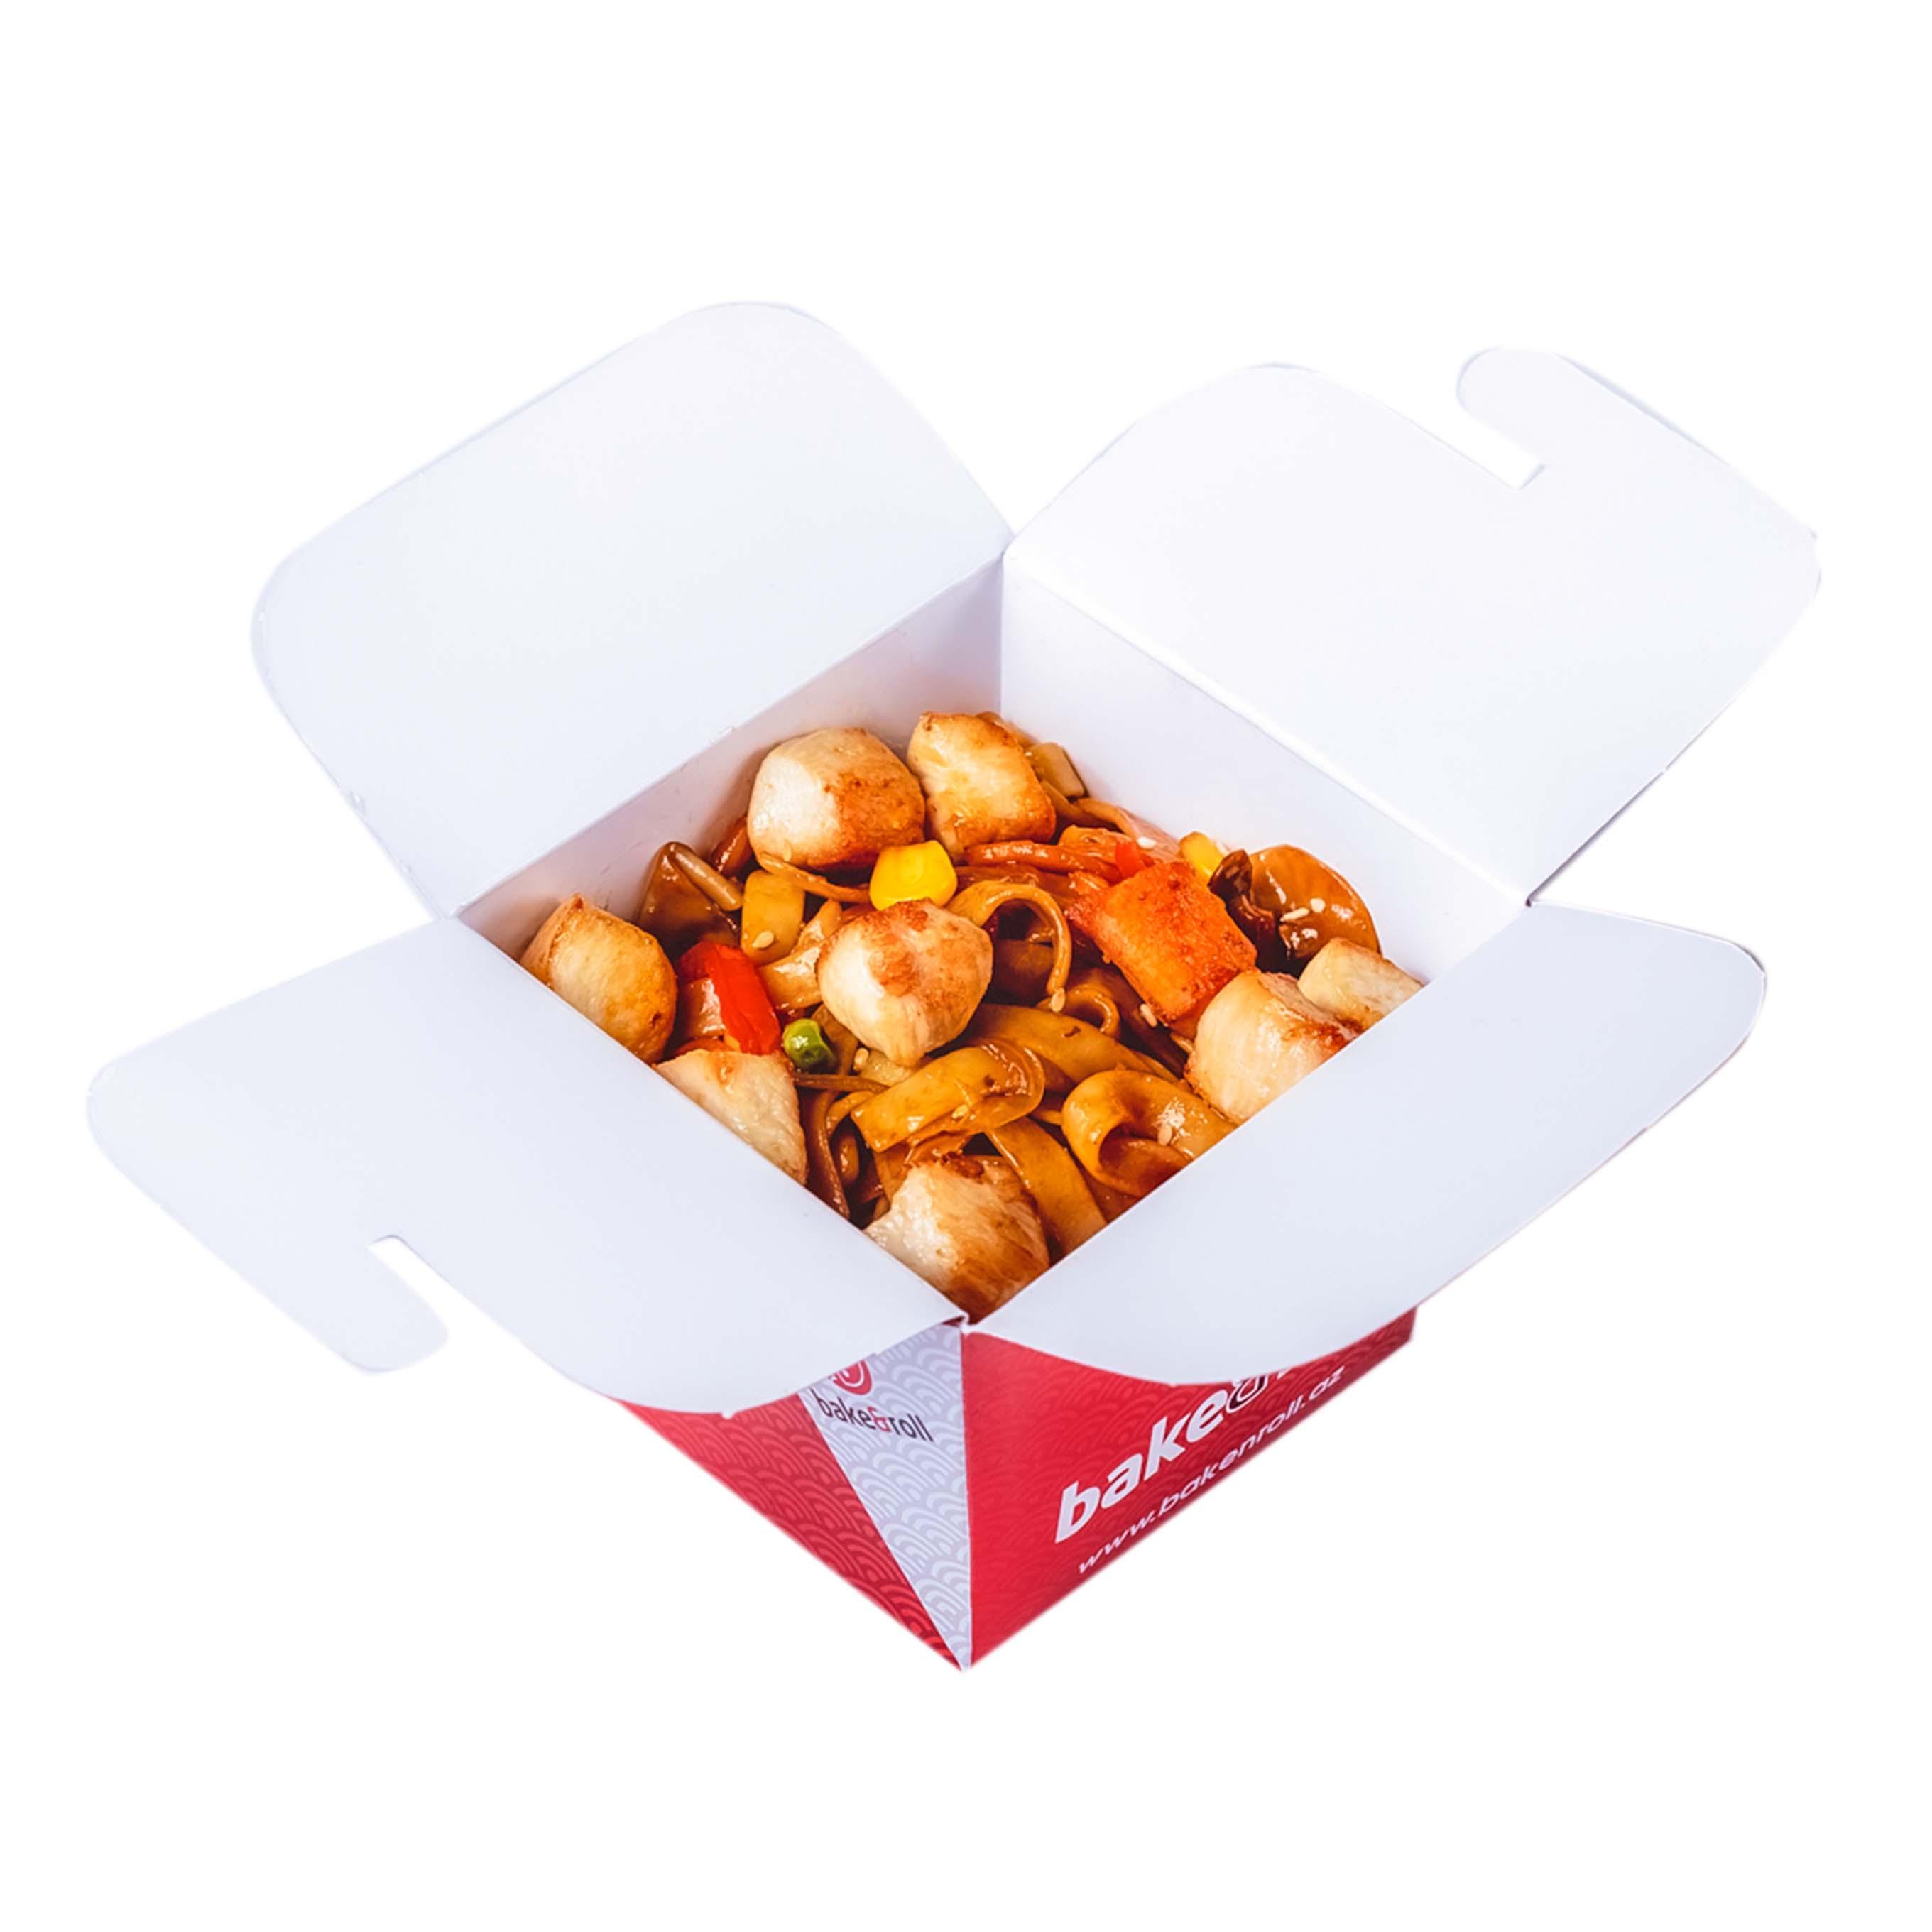 Toyuqlu Noodles